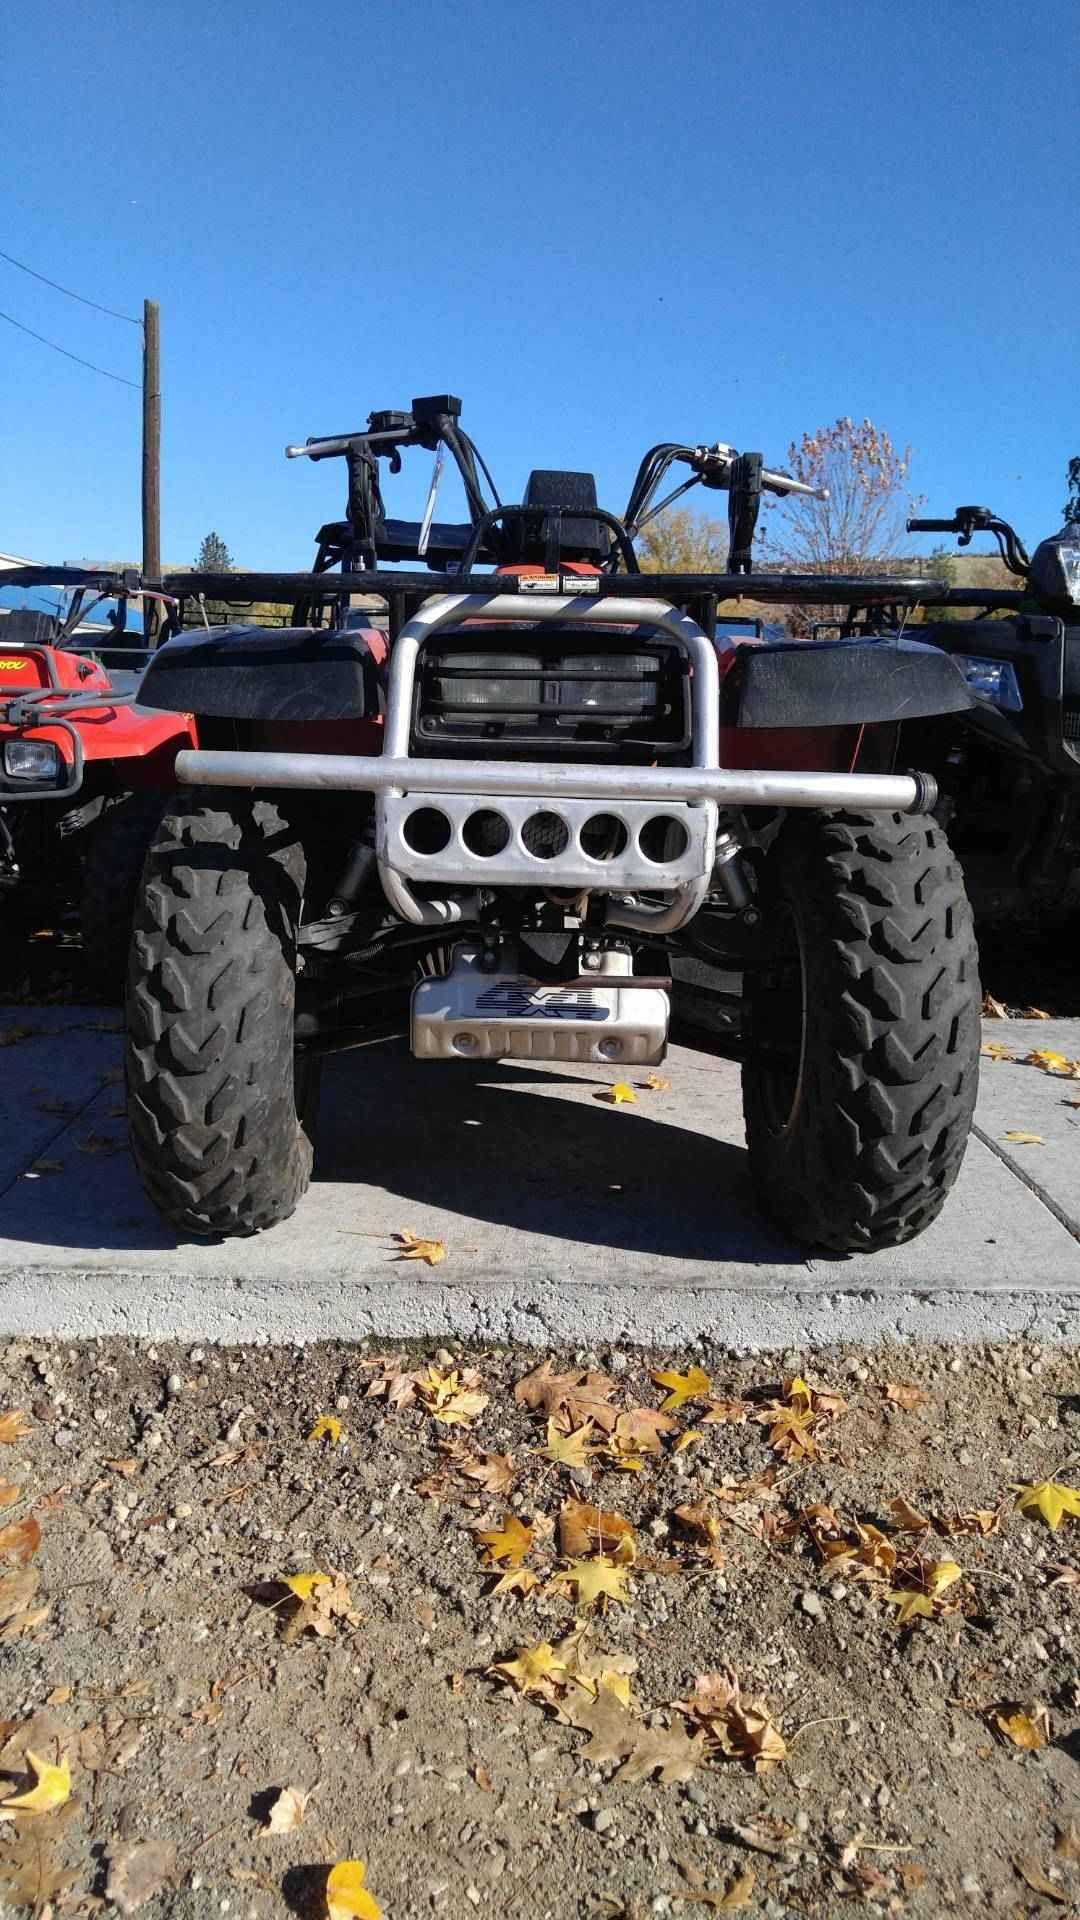 Used 1994 Yamaha YFM 400 Kodiak ATVs For Sale in Idaho.